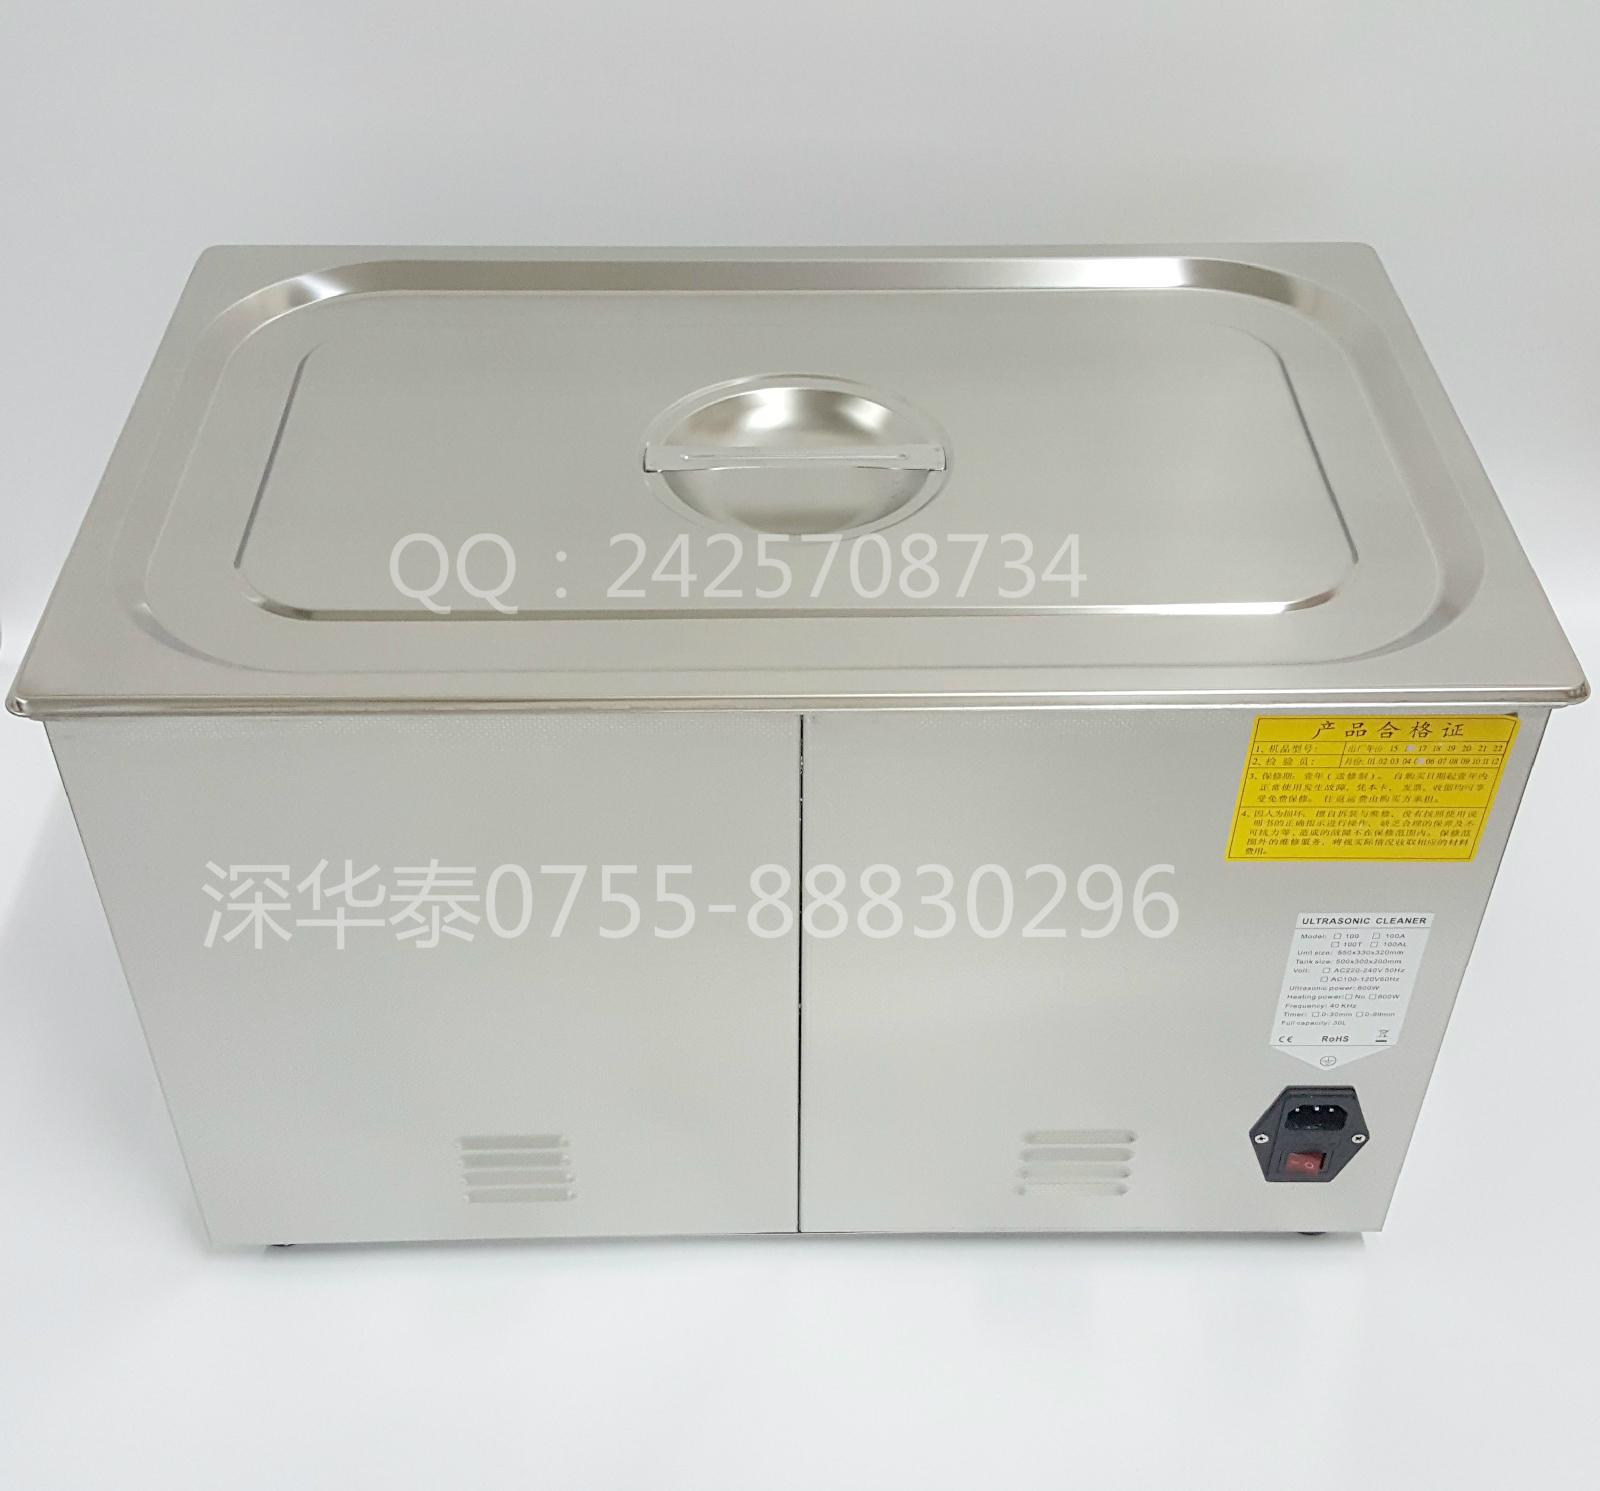 促销工业超声波清洗机600W数码超声波打印机模型清洗器30升可加热